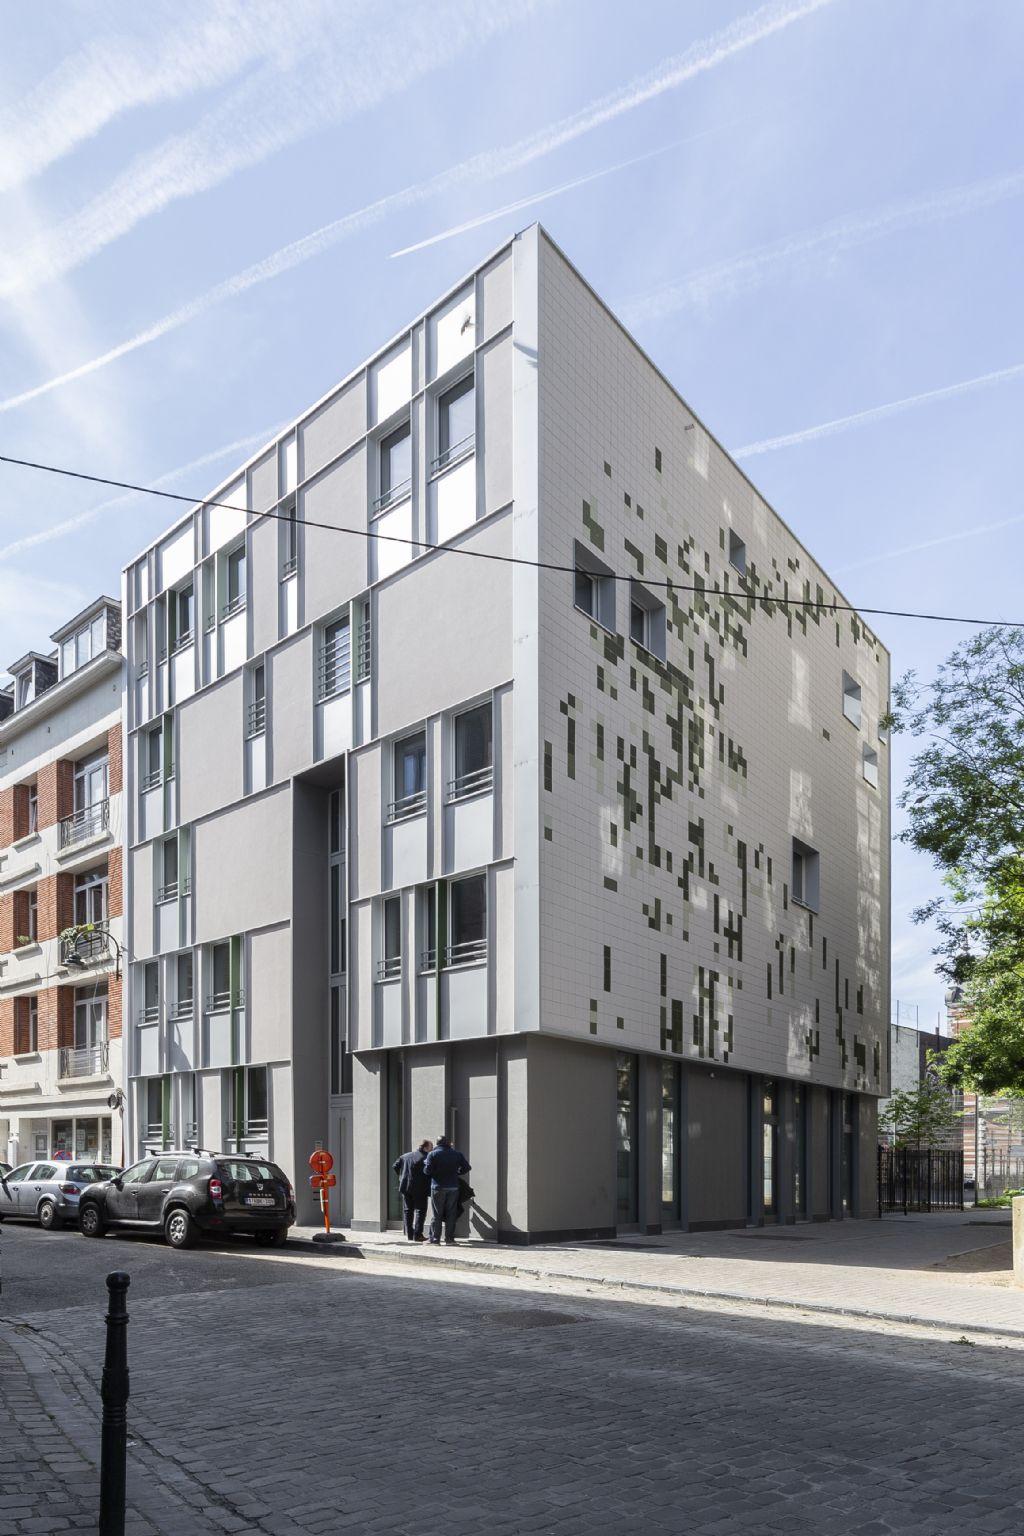 Un immeuble de logements pour 'recoudre le tissu urbain'